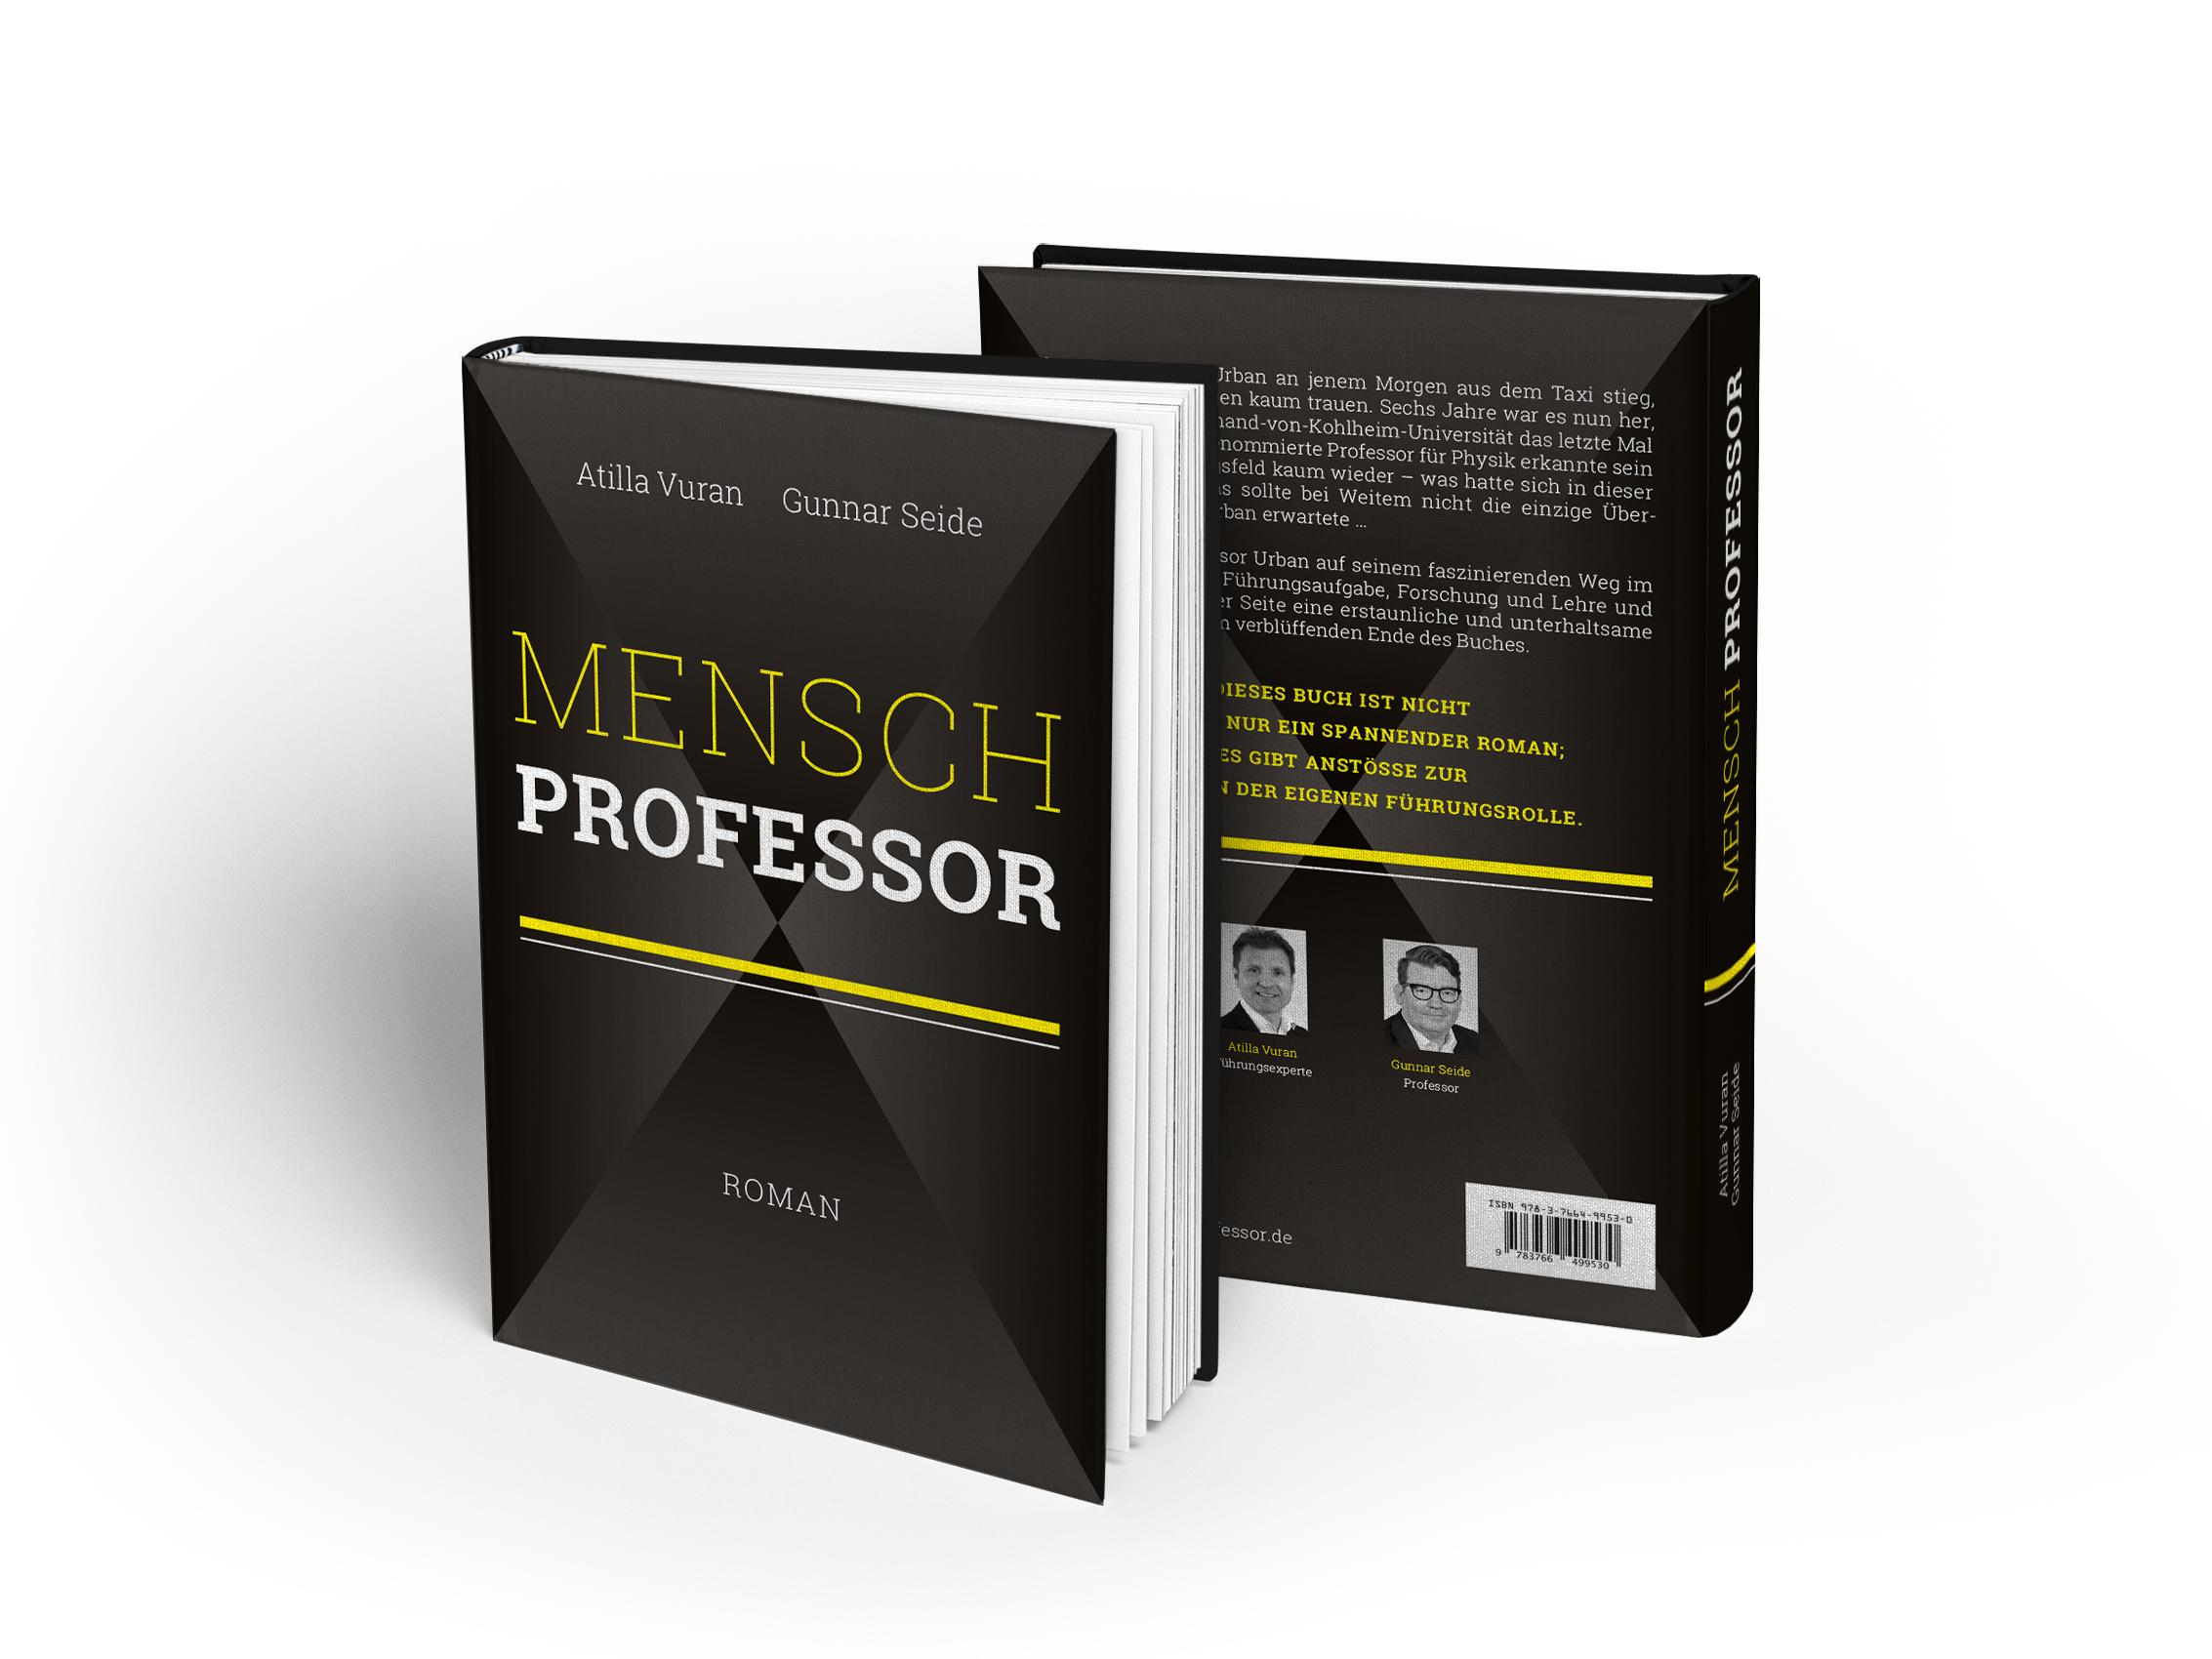 martin_zech_design_buchcover_self-publishing_atilla-vuran_mensch-professor